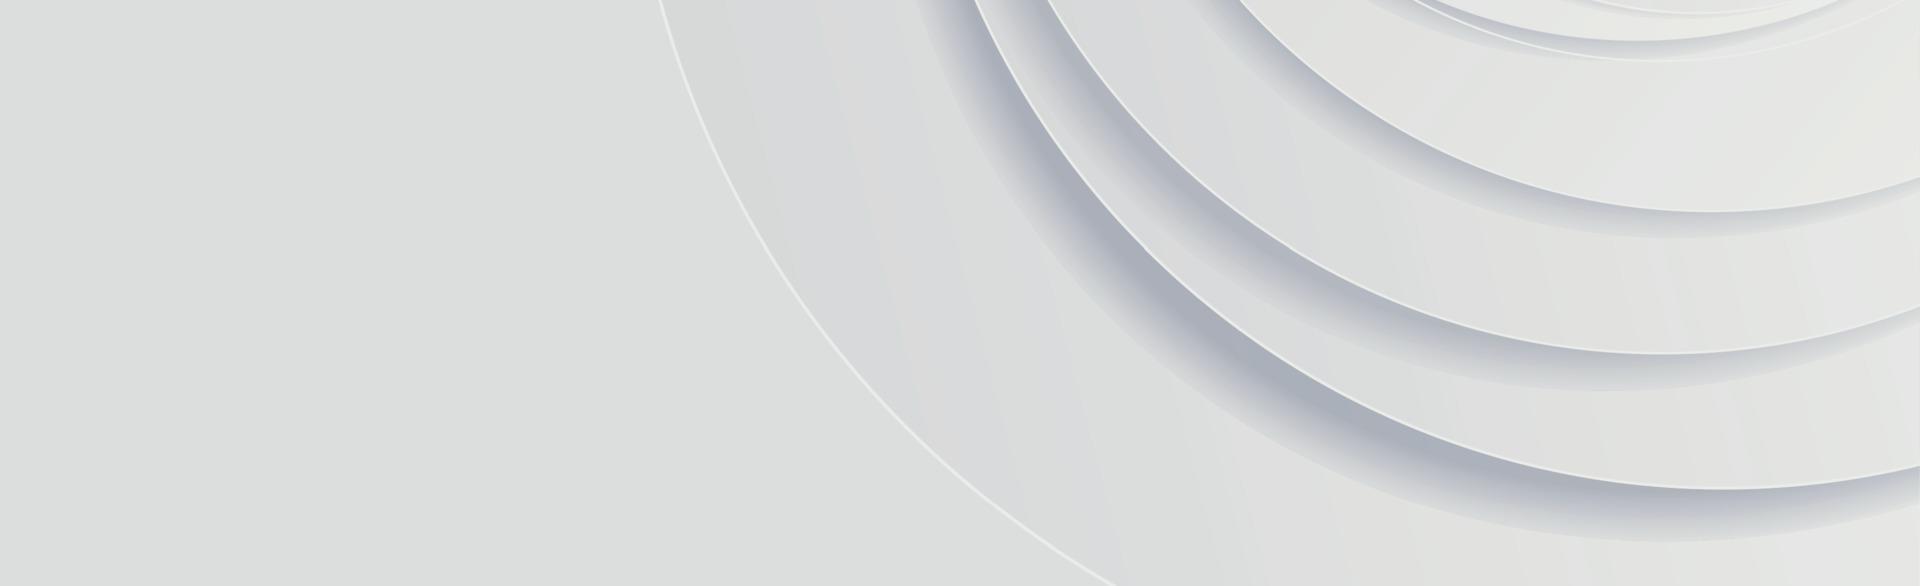 sfondo panoramico vettoriale bianco con cerchi e linee d'ombra